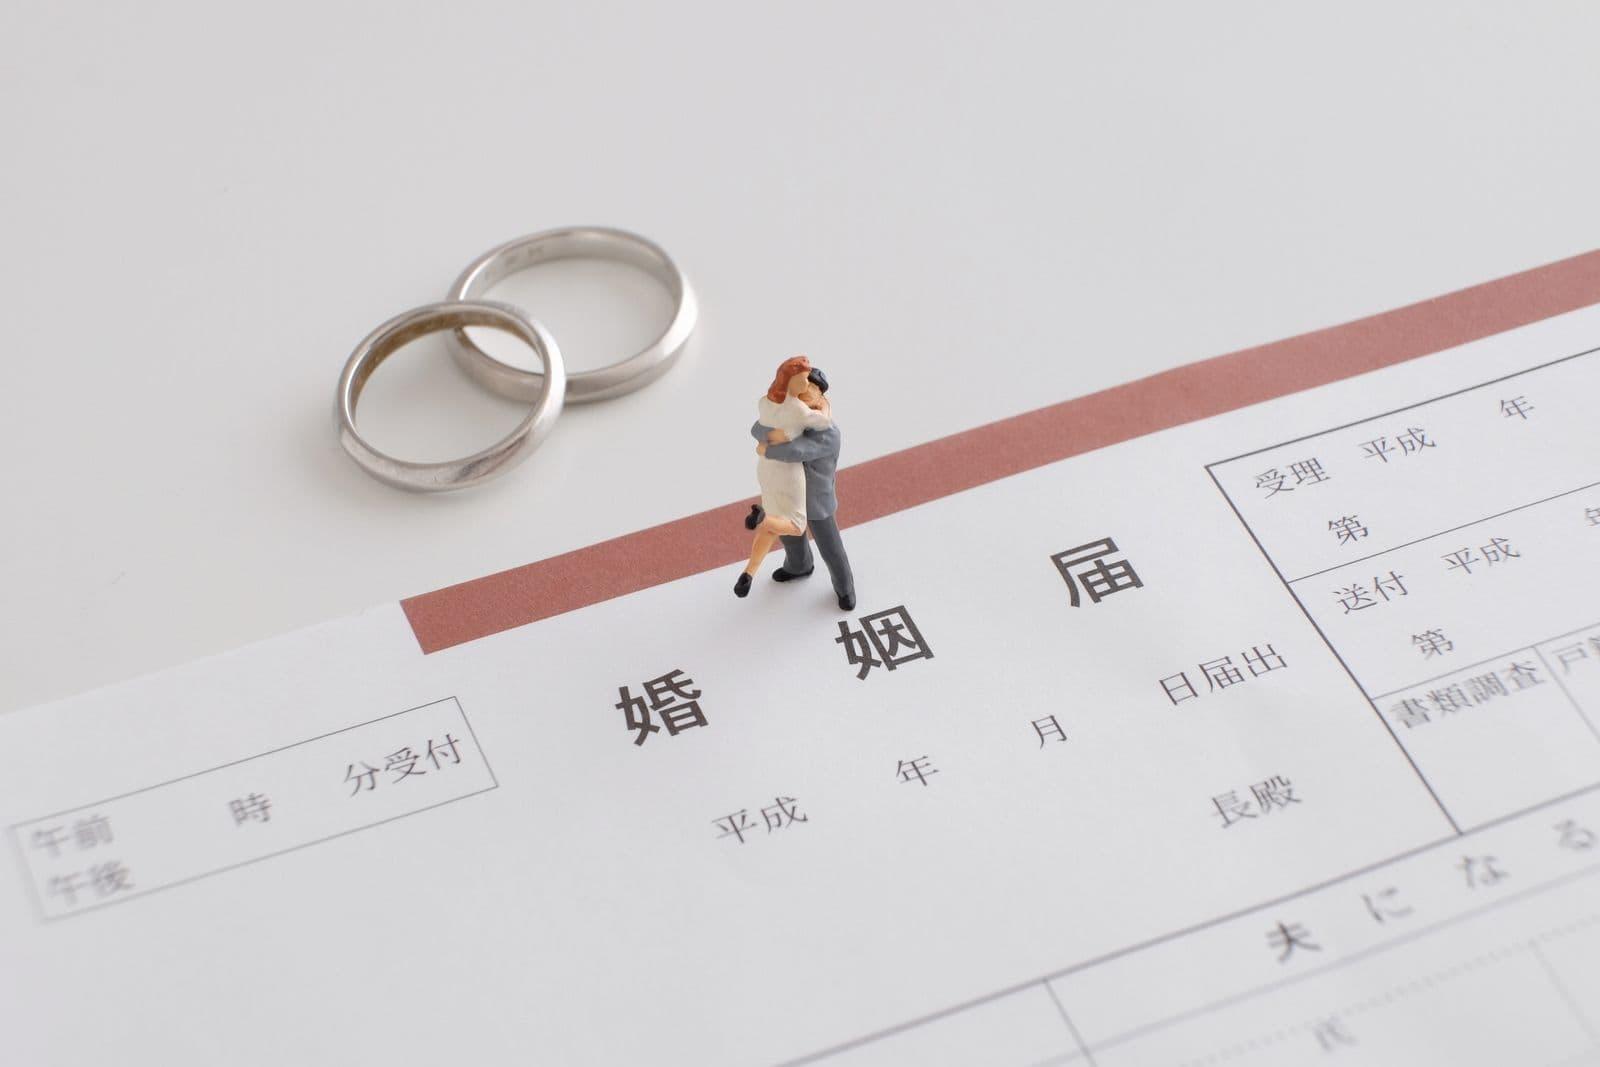 徳島市の結婚式場ブランアンジュの令和元年お申込みキャンペーン